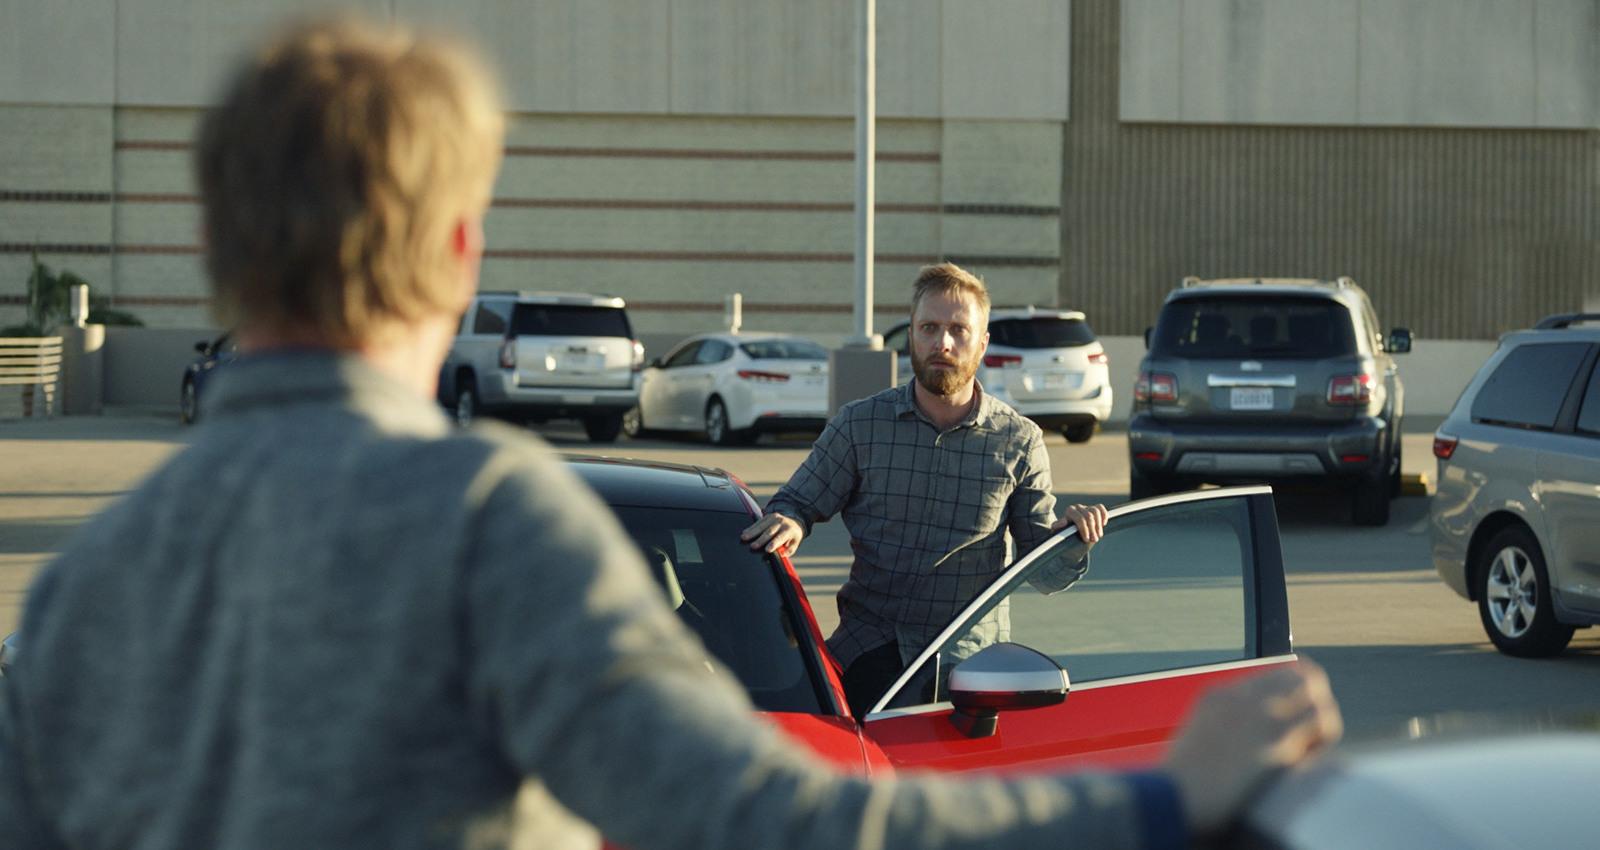 Audi - Parking Lot